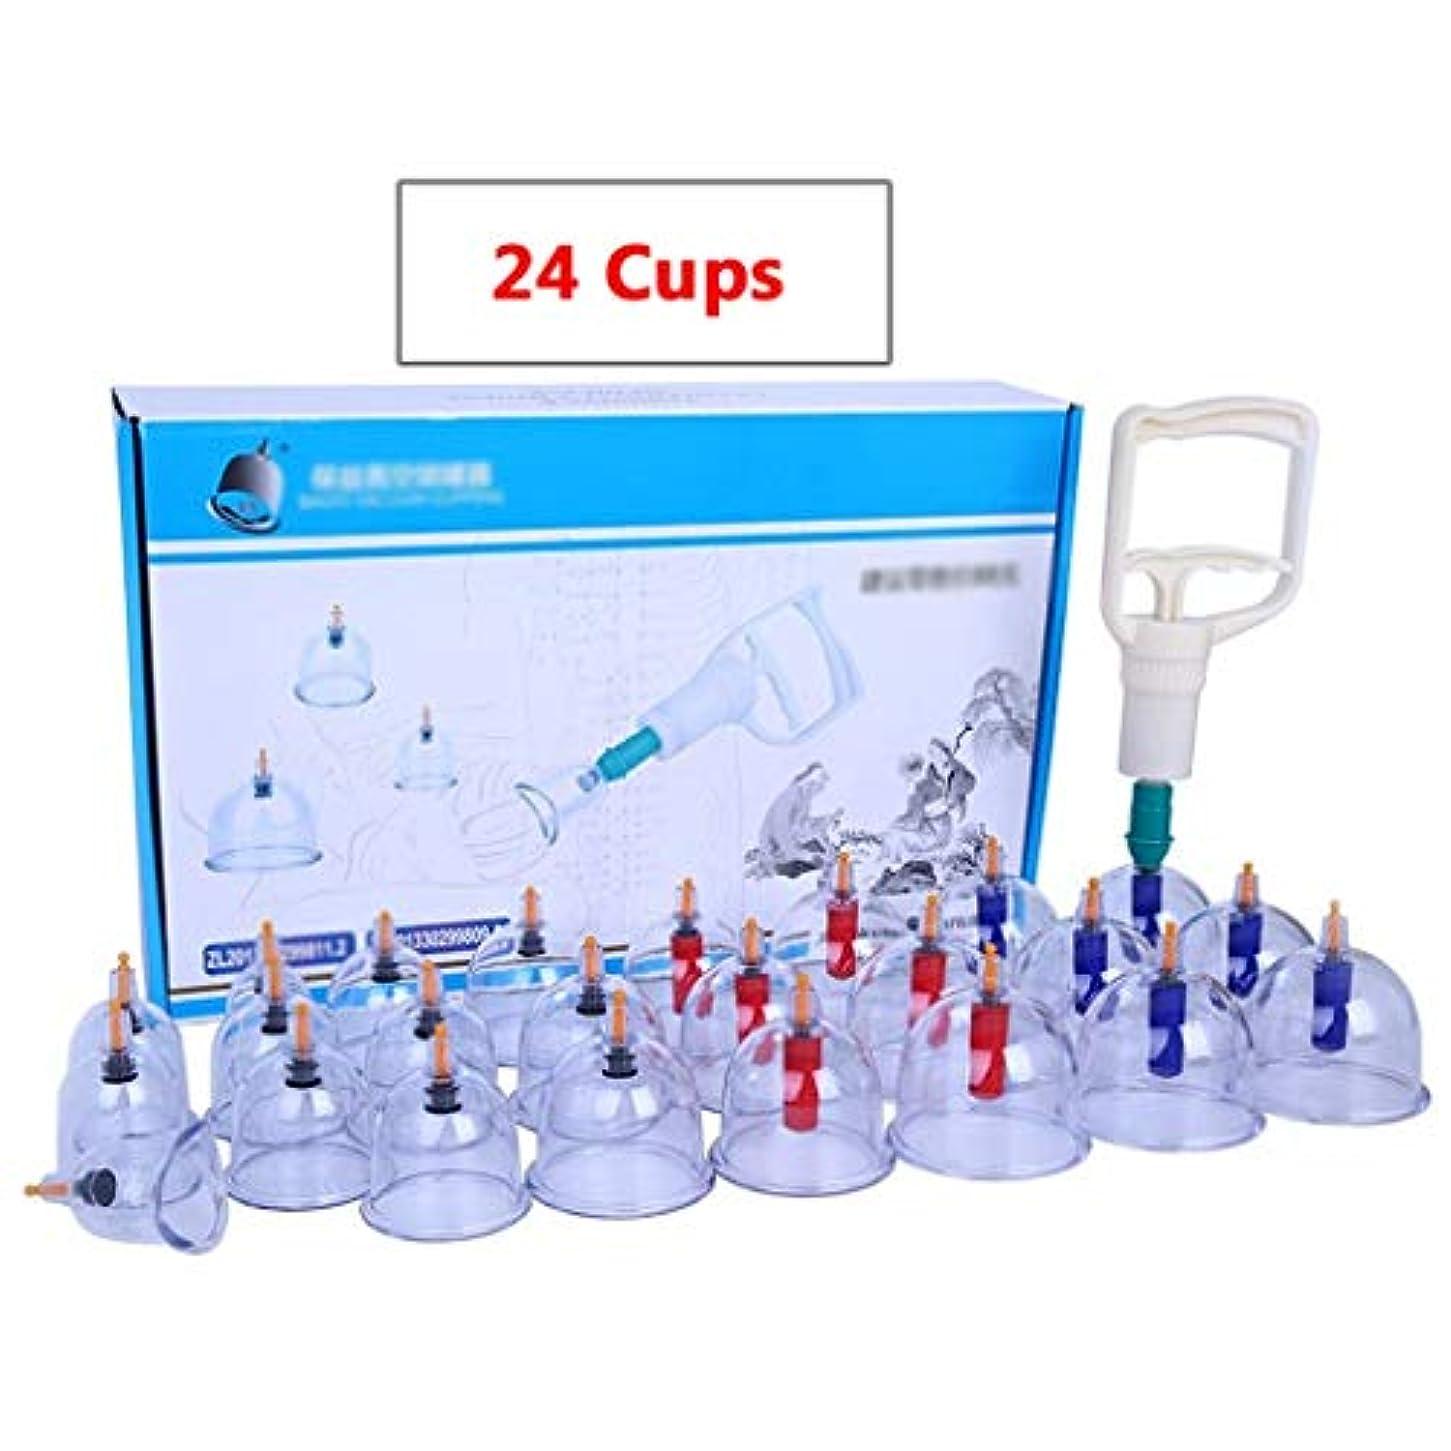 アンソロジーリンス海洋の真空カッピングキット、24カップ、ホームサクションカッピングセラピー、手動透明カッピング、中華カッピング (色 : 24 Cups)